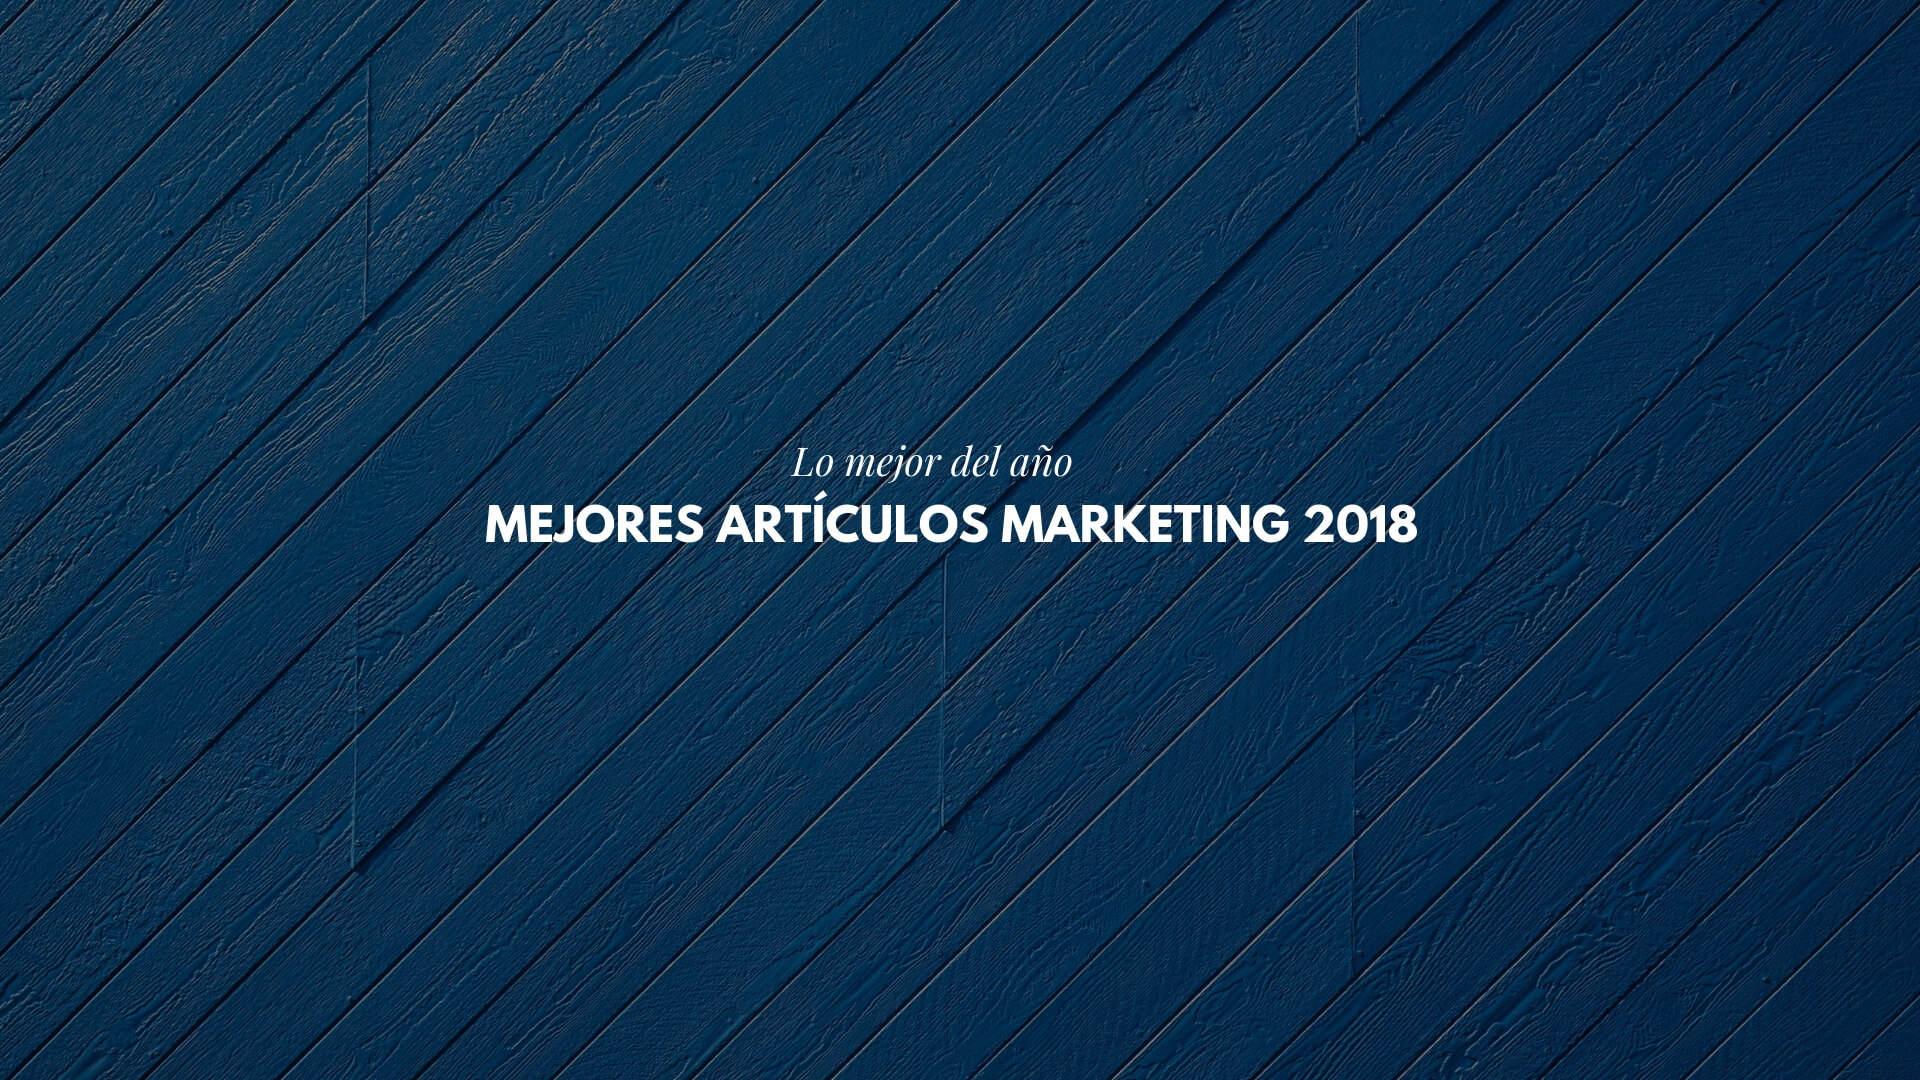 Mejores artículos marketing 2018 en mi blog : Social Media Zaragoza